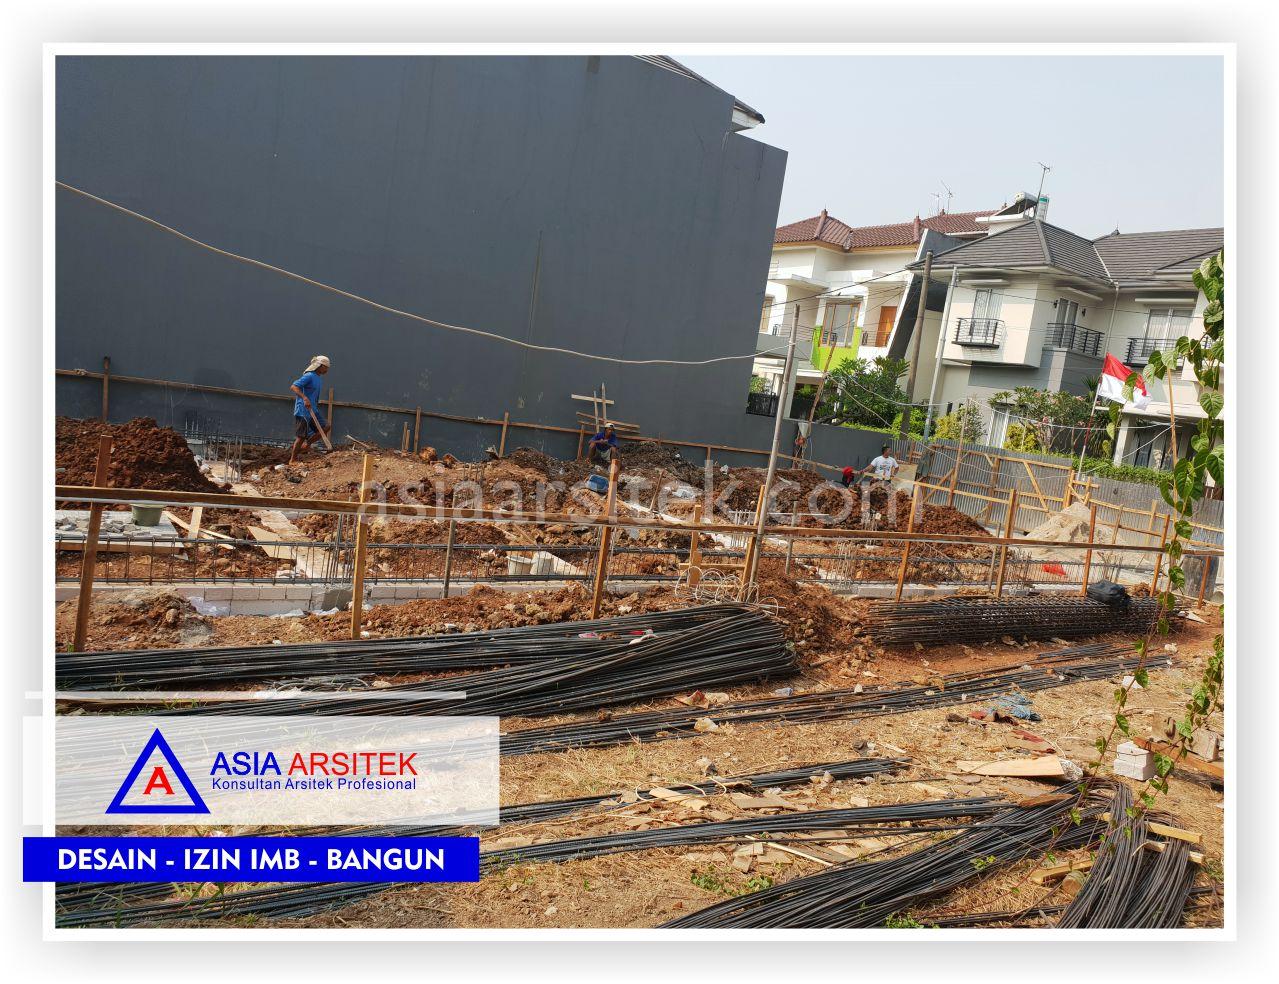 Struktur Sloof Rumah Minimalis Bu Alfi Di Jakarta-Bogor-Tangerang-Bekasi-Bandung-Jasa Konsultan Desain Arsitek Profesional - Desain Rumah Mewah - Arsitek Gambar Desain Rumah Klasik Mewah 2